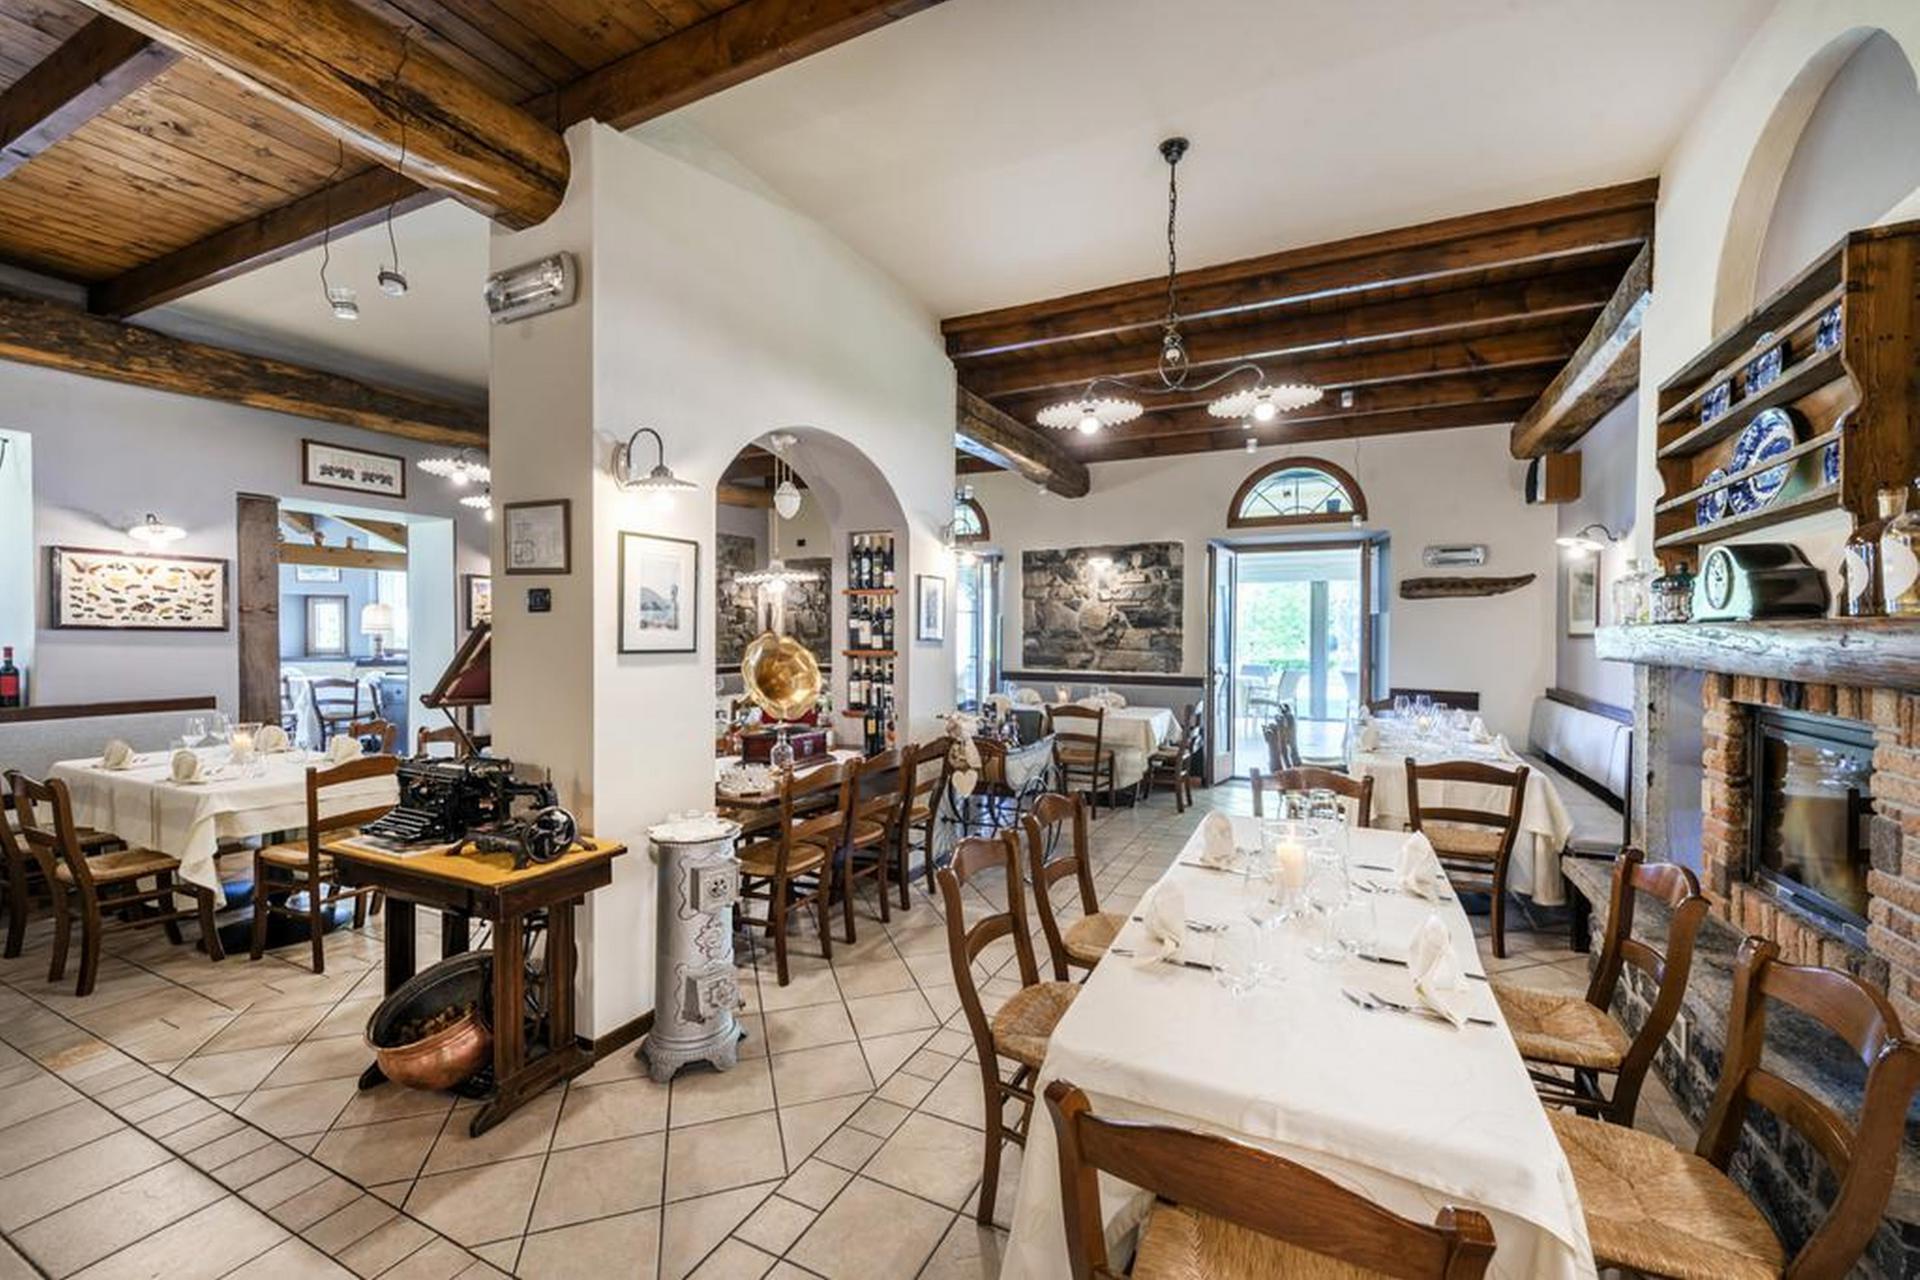 Agriturismo Comomeer en Gardameer Knusse accommodatie Comomeer – met goed restaurant | myitaly.nl